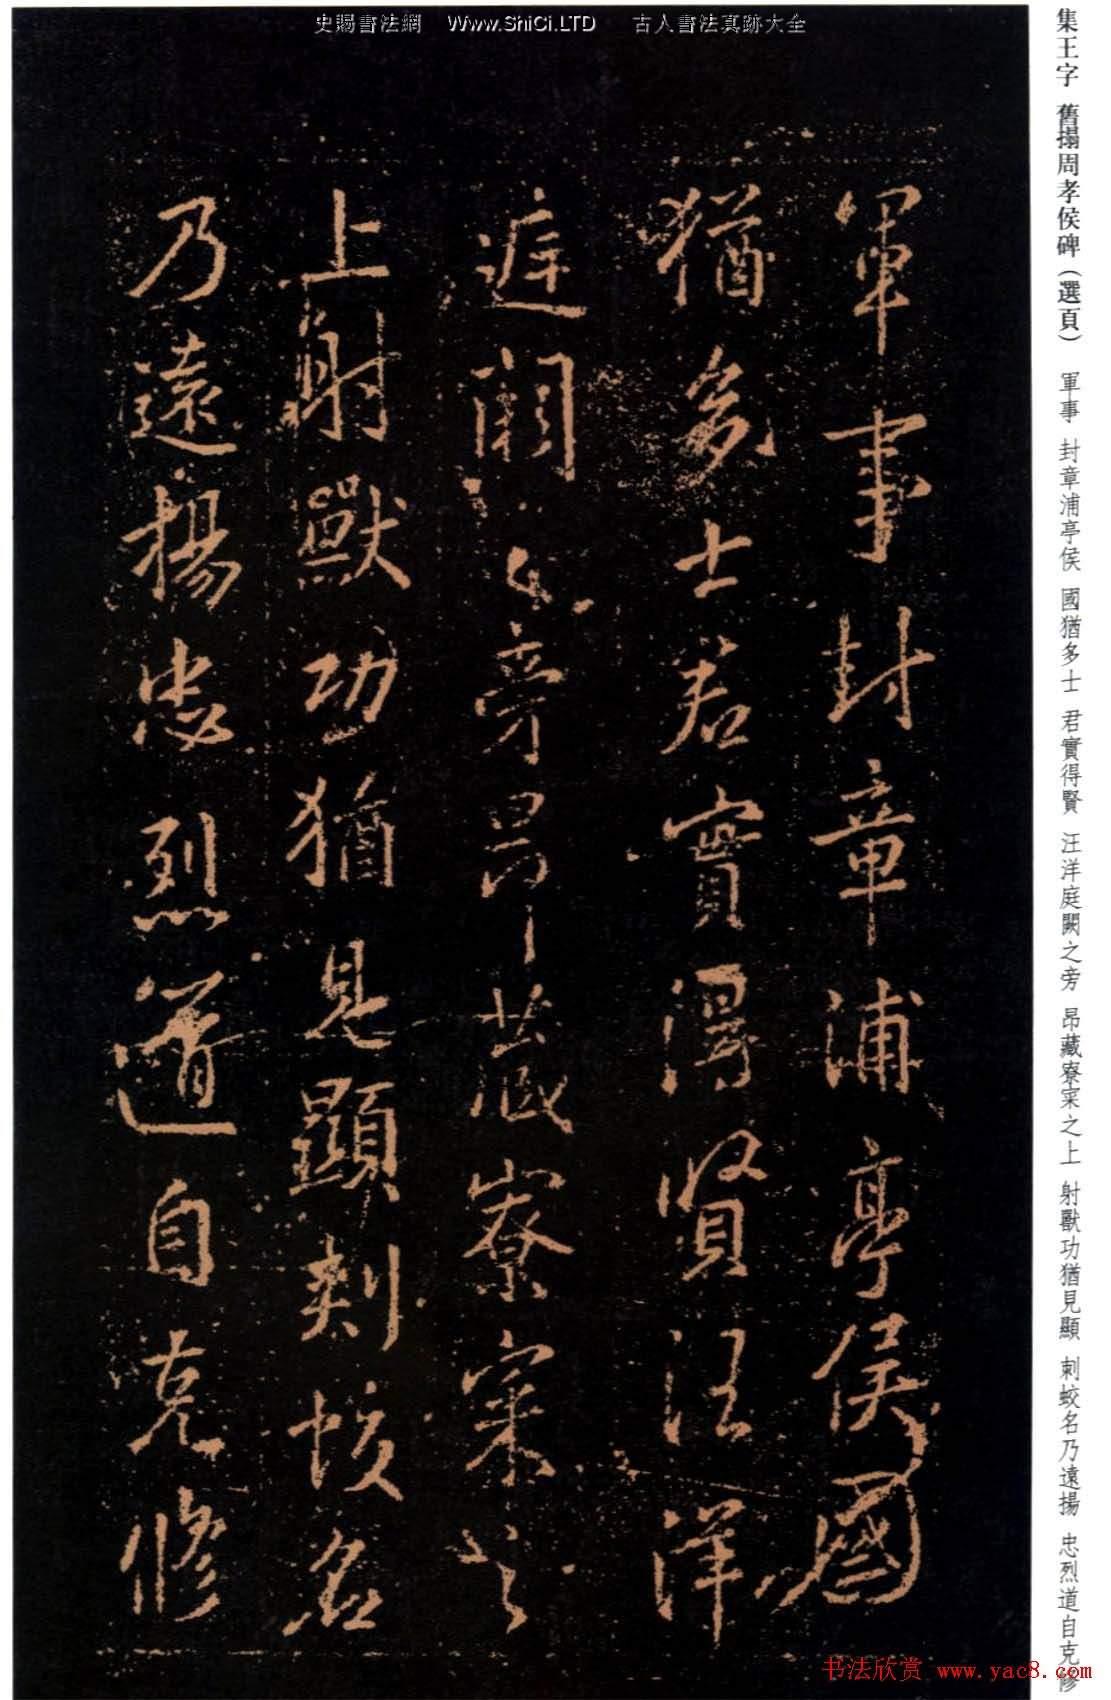 王羲之書法《集字舊拓周孝侯碑》